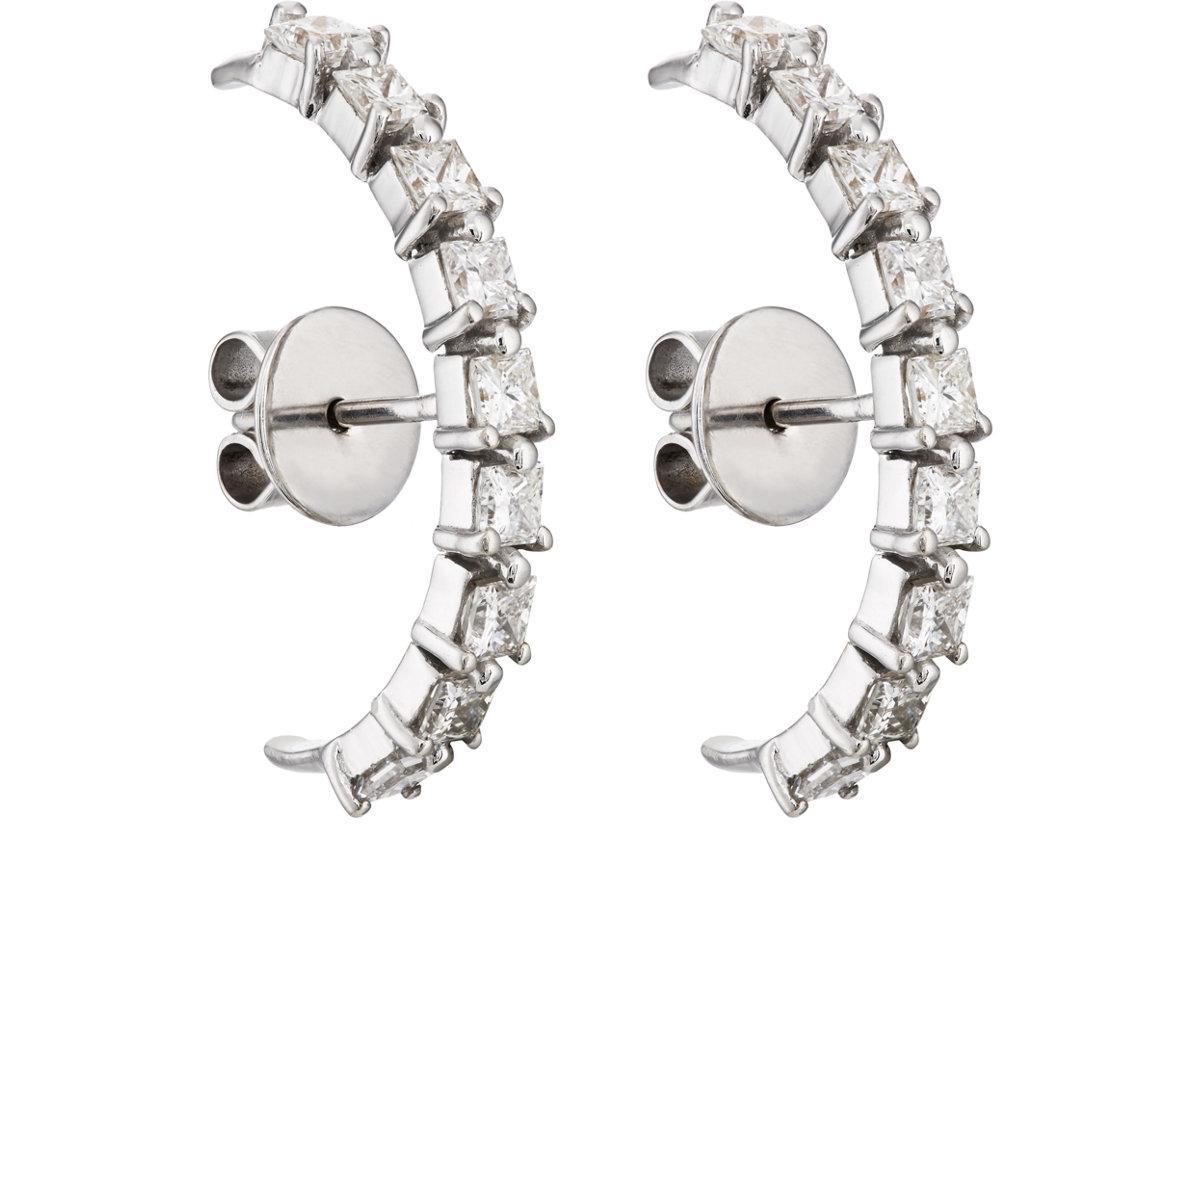 Boucles D'oreille De Diamant Iolanda Ana Khouri rbcAlQ